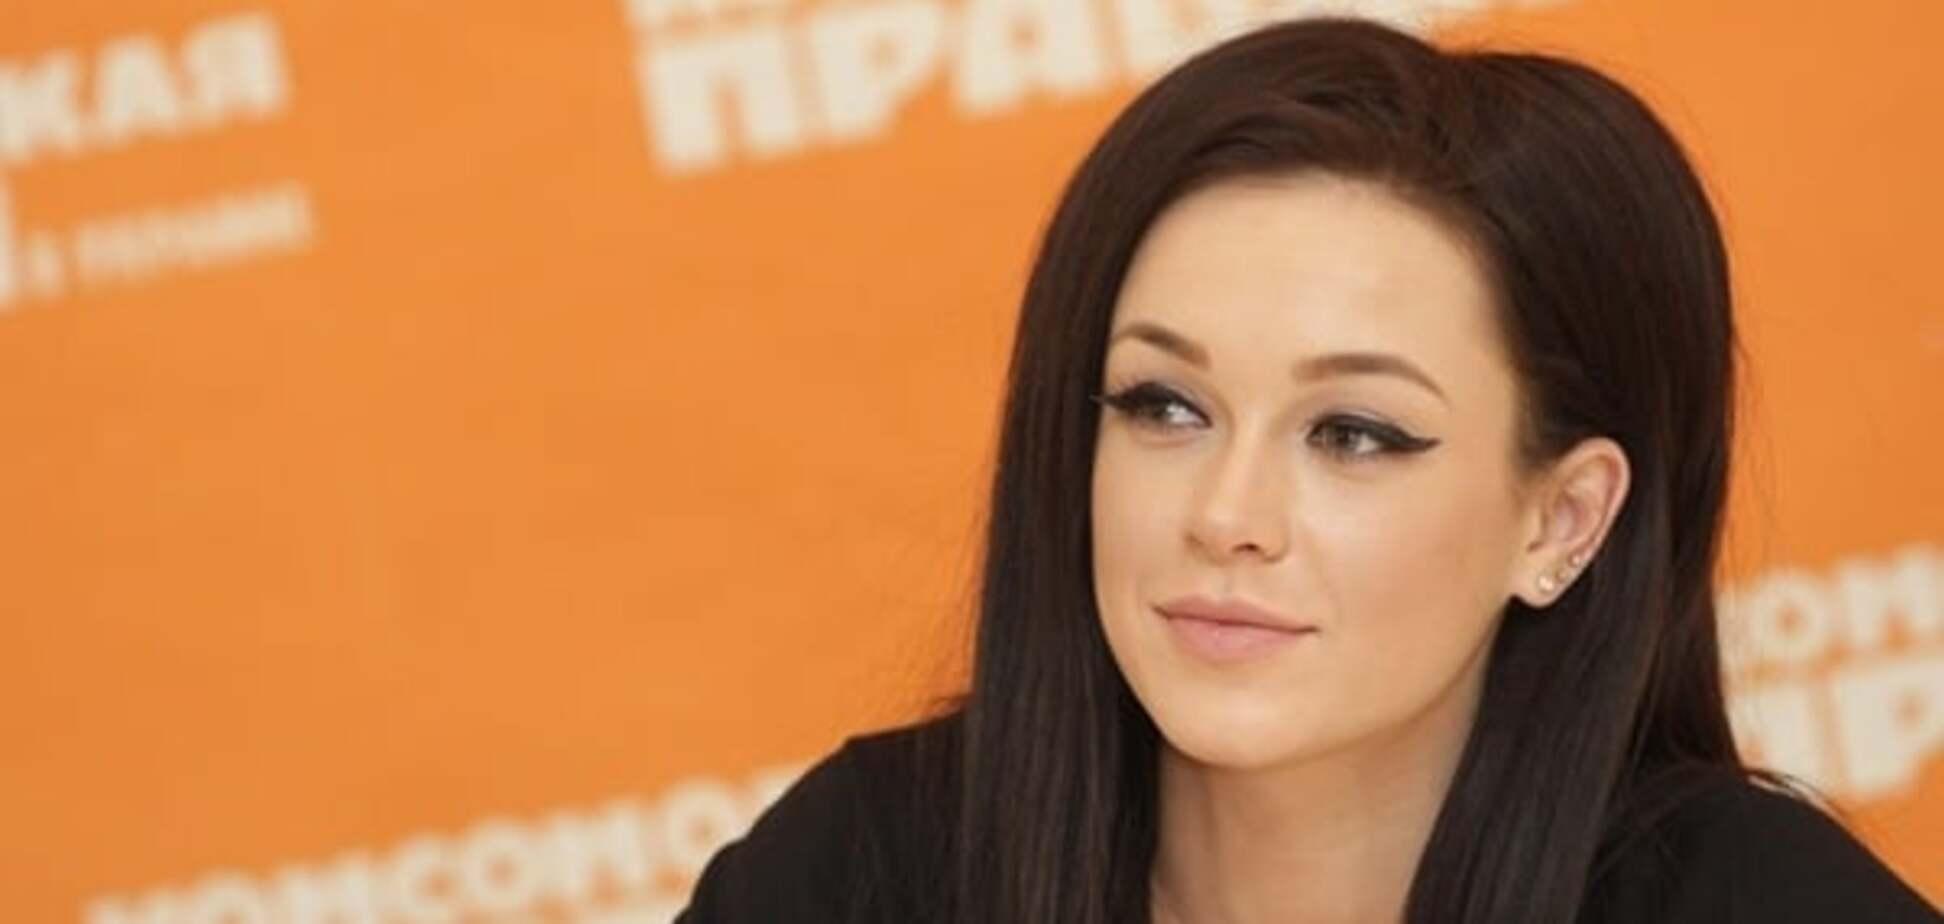 'Позорище': дочь украинского певца раскритиковали за новогоднее выступление